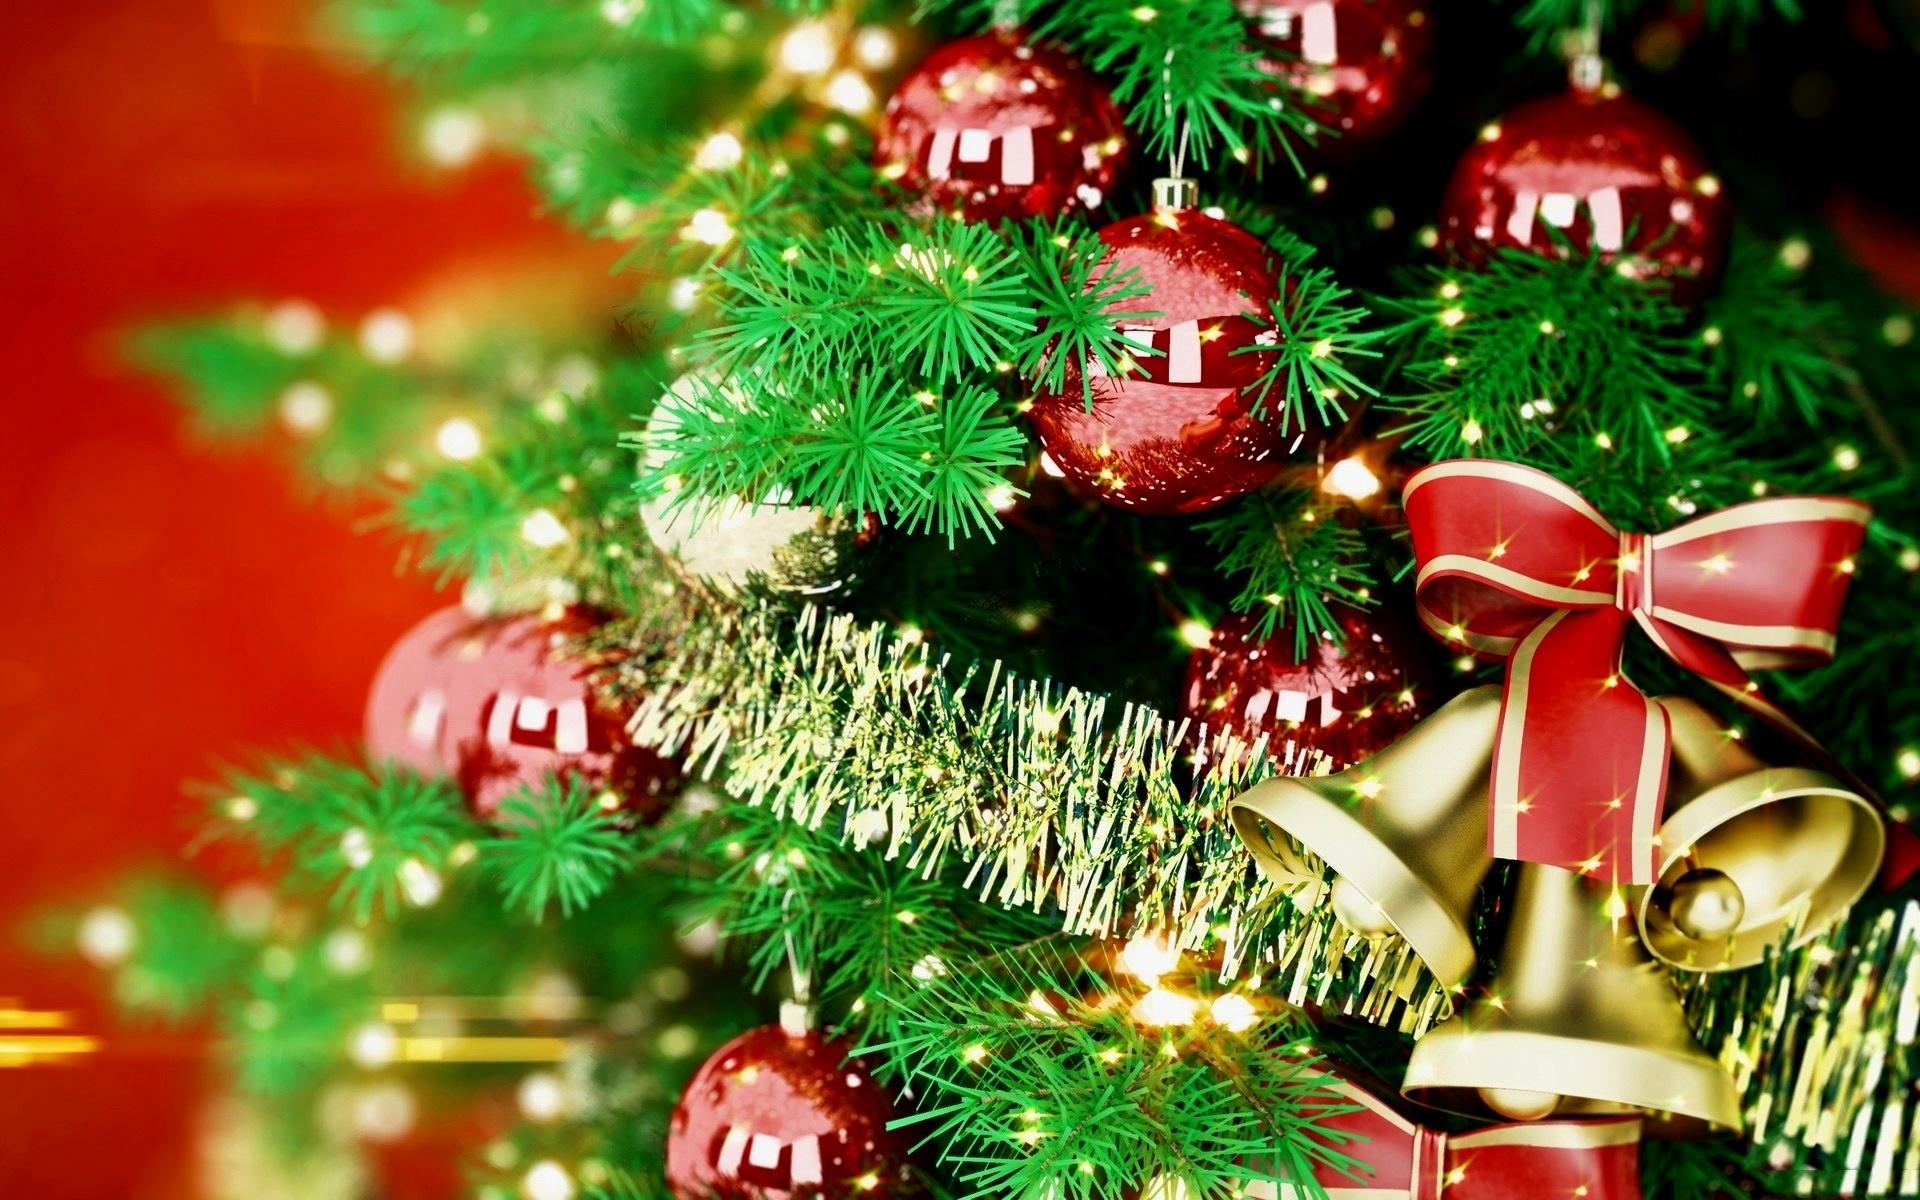 Открытки, картинки новогодние самые красивые